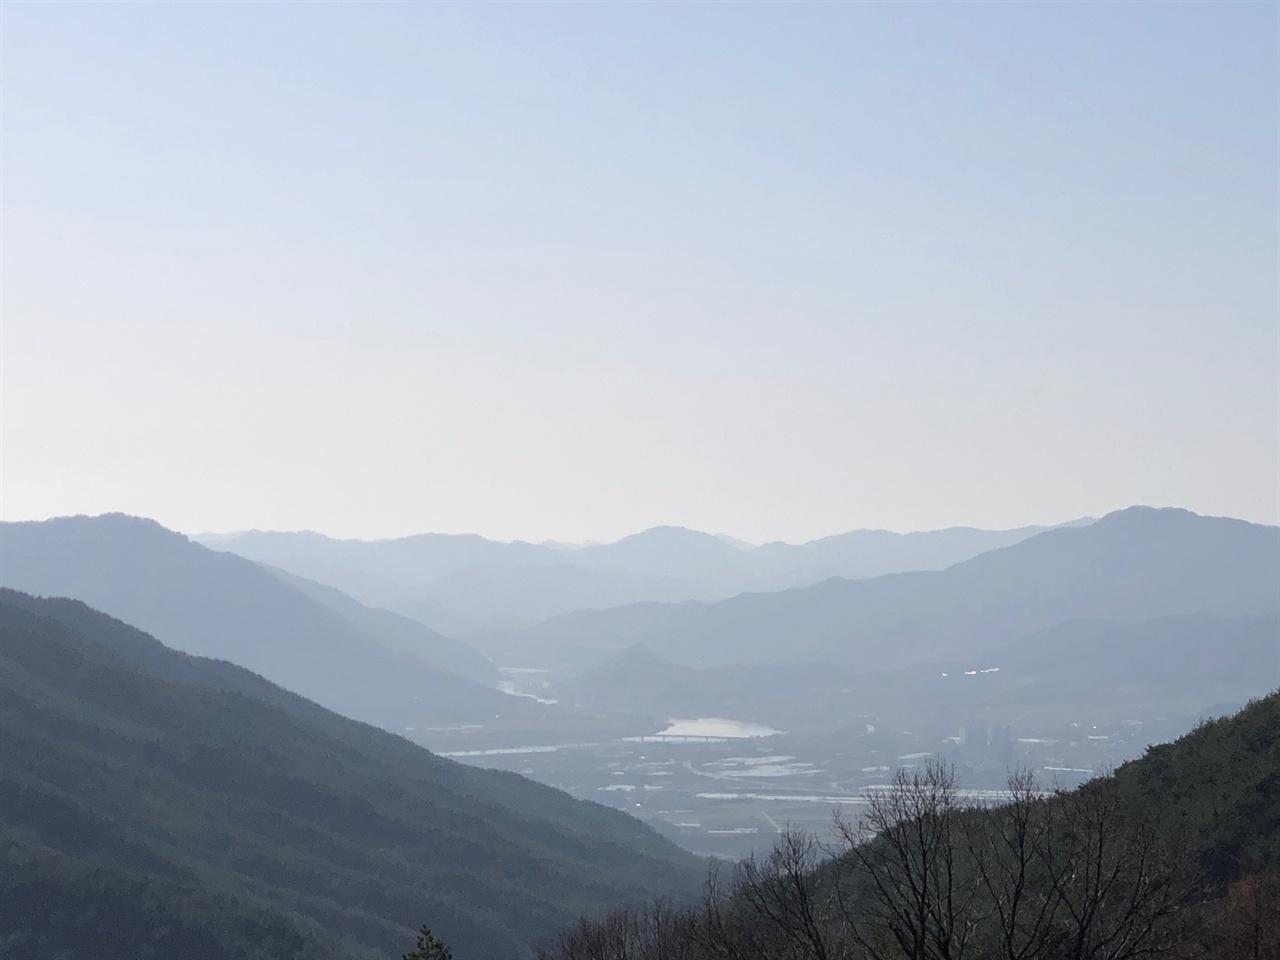 연기암 에서 바라본 섬진강 풍경